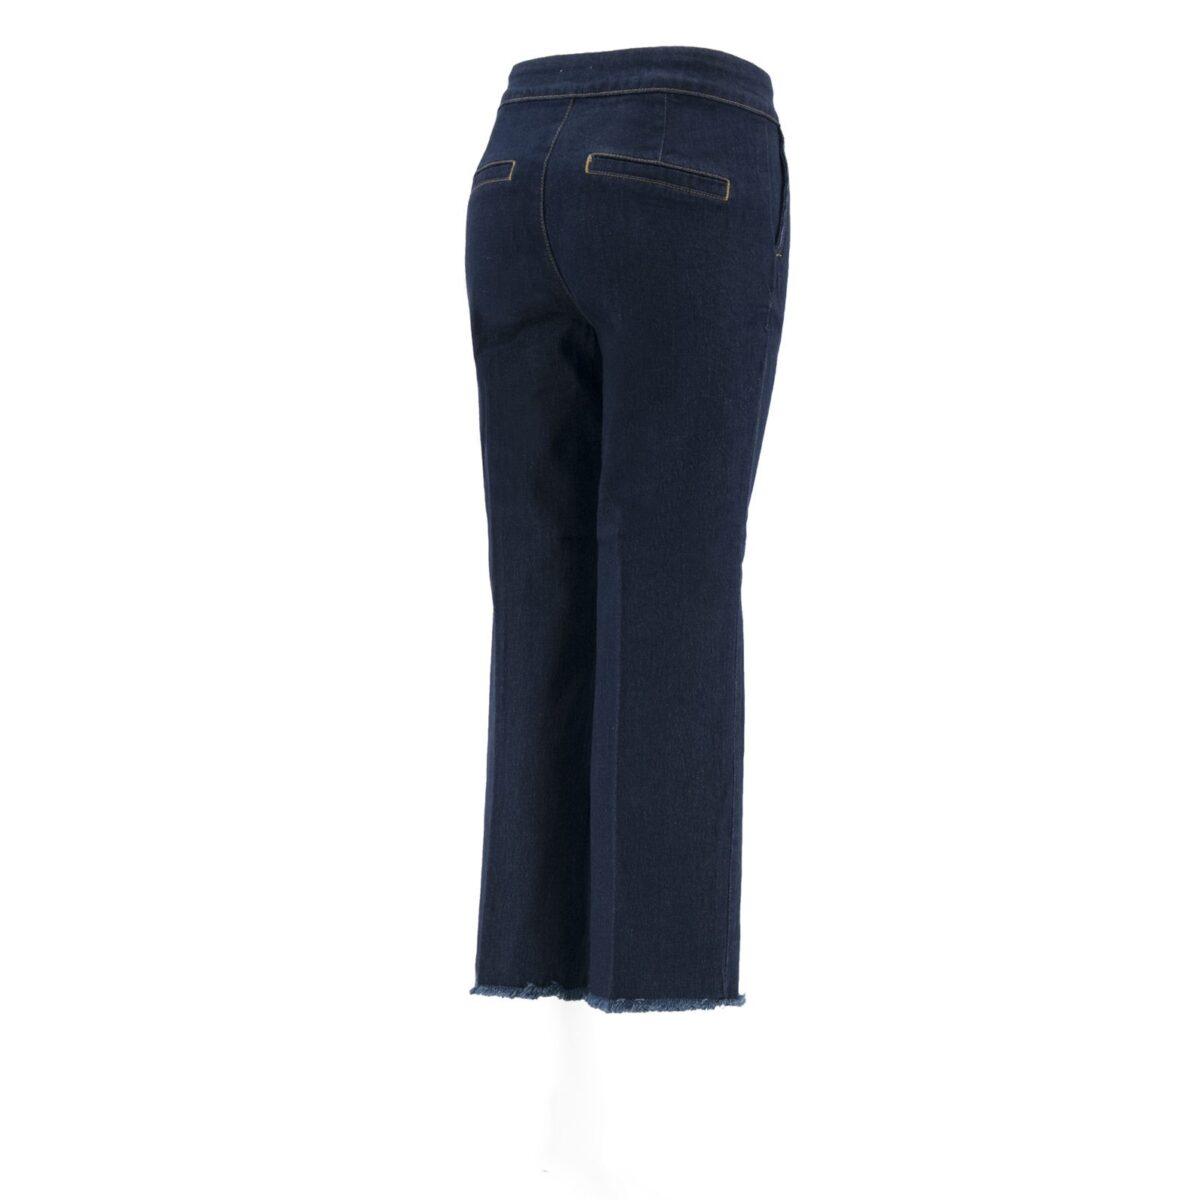 Pantalone Classic in denim DENIM - vista laterale | Nicla